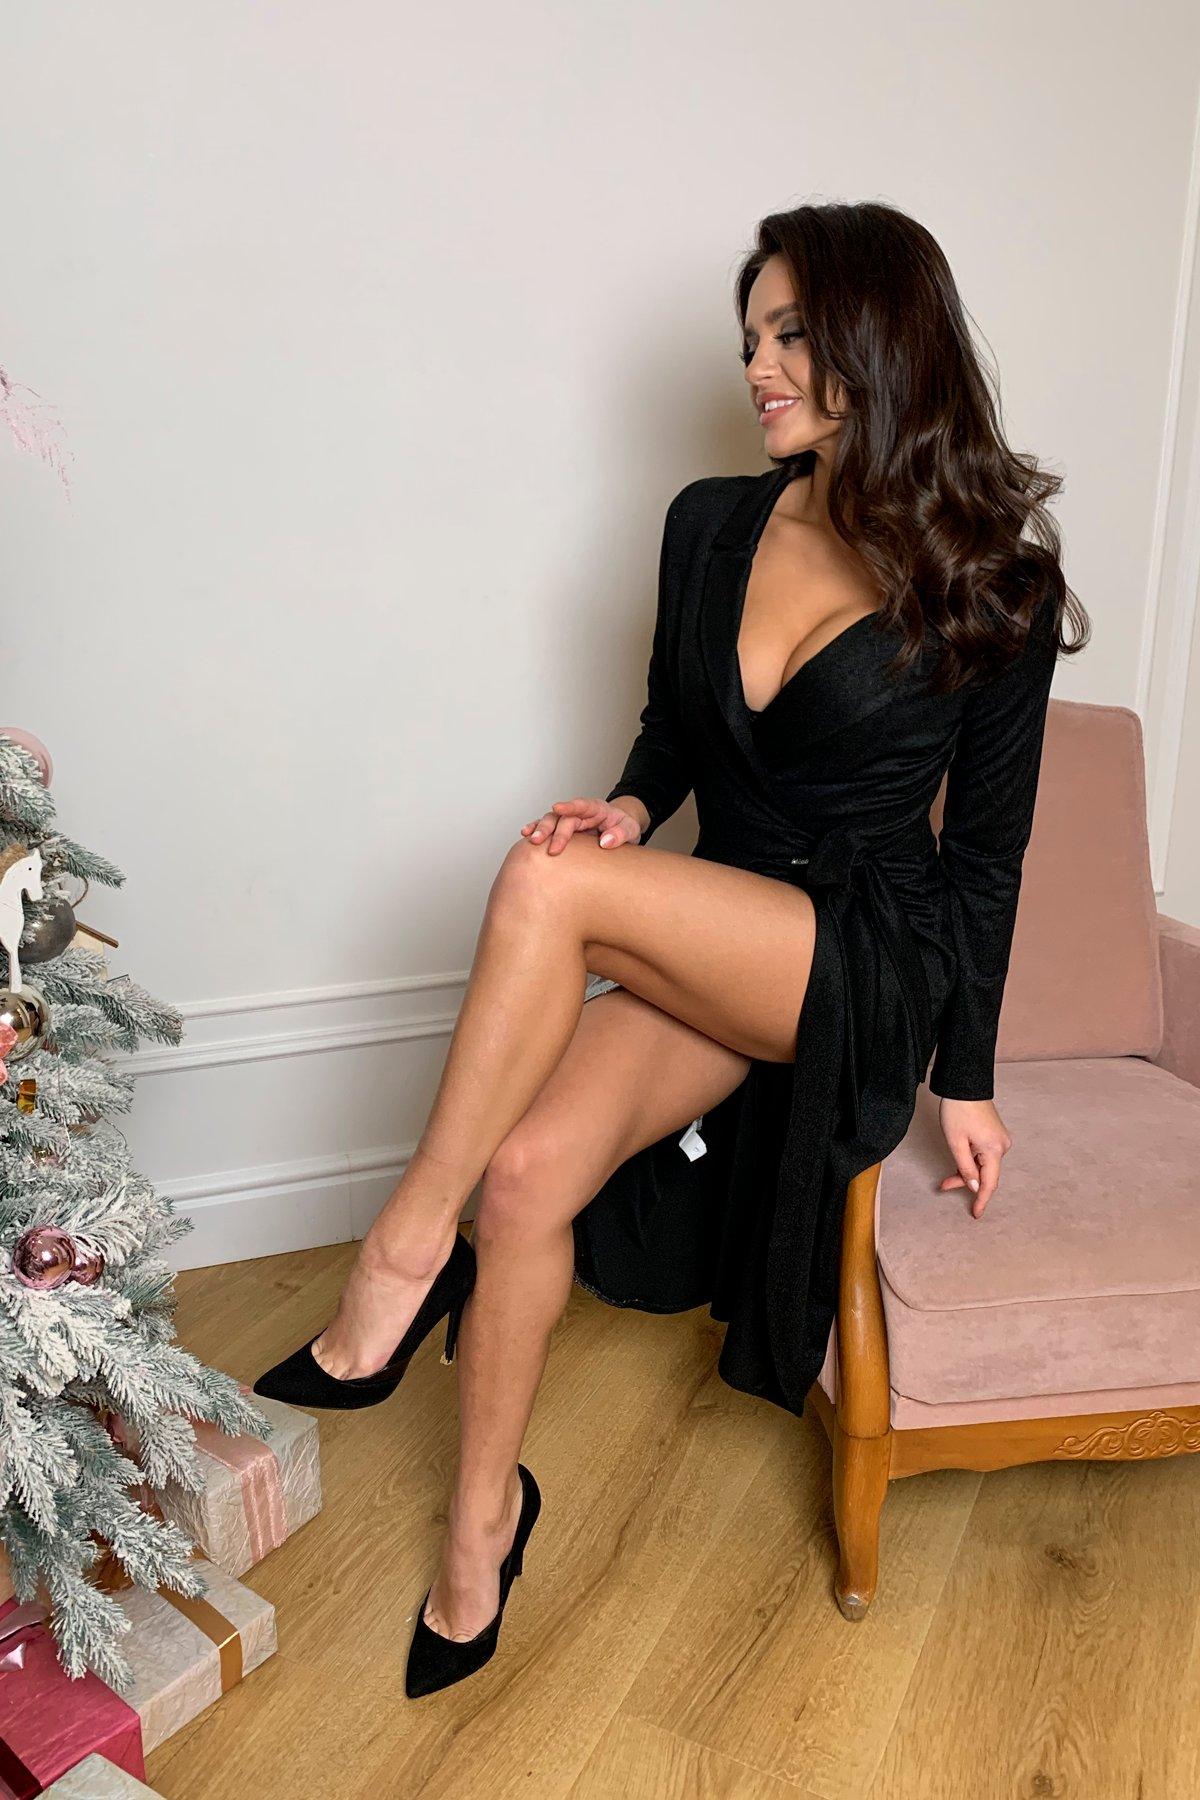 Платье Питта 8507 АРТ. 44799 Цвет: Черный - фото 3, интернет магазин tm-modus.ru